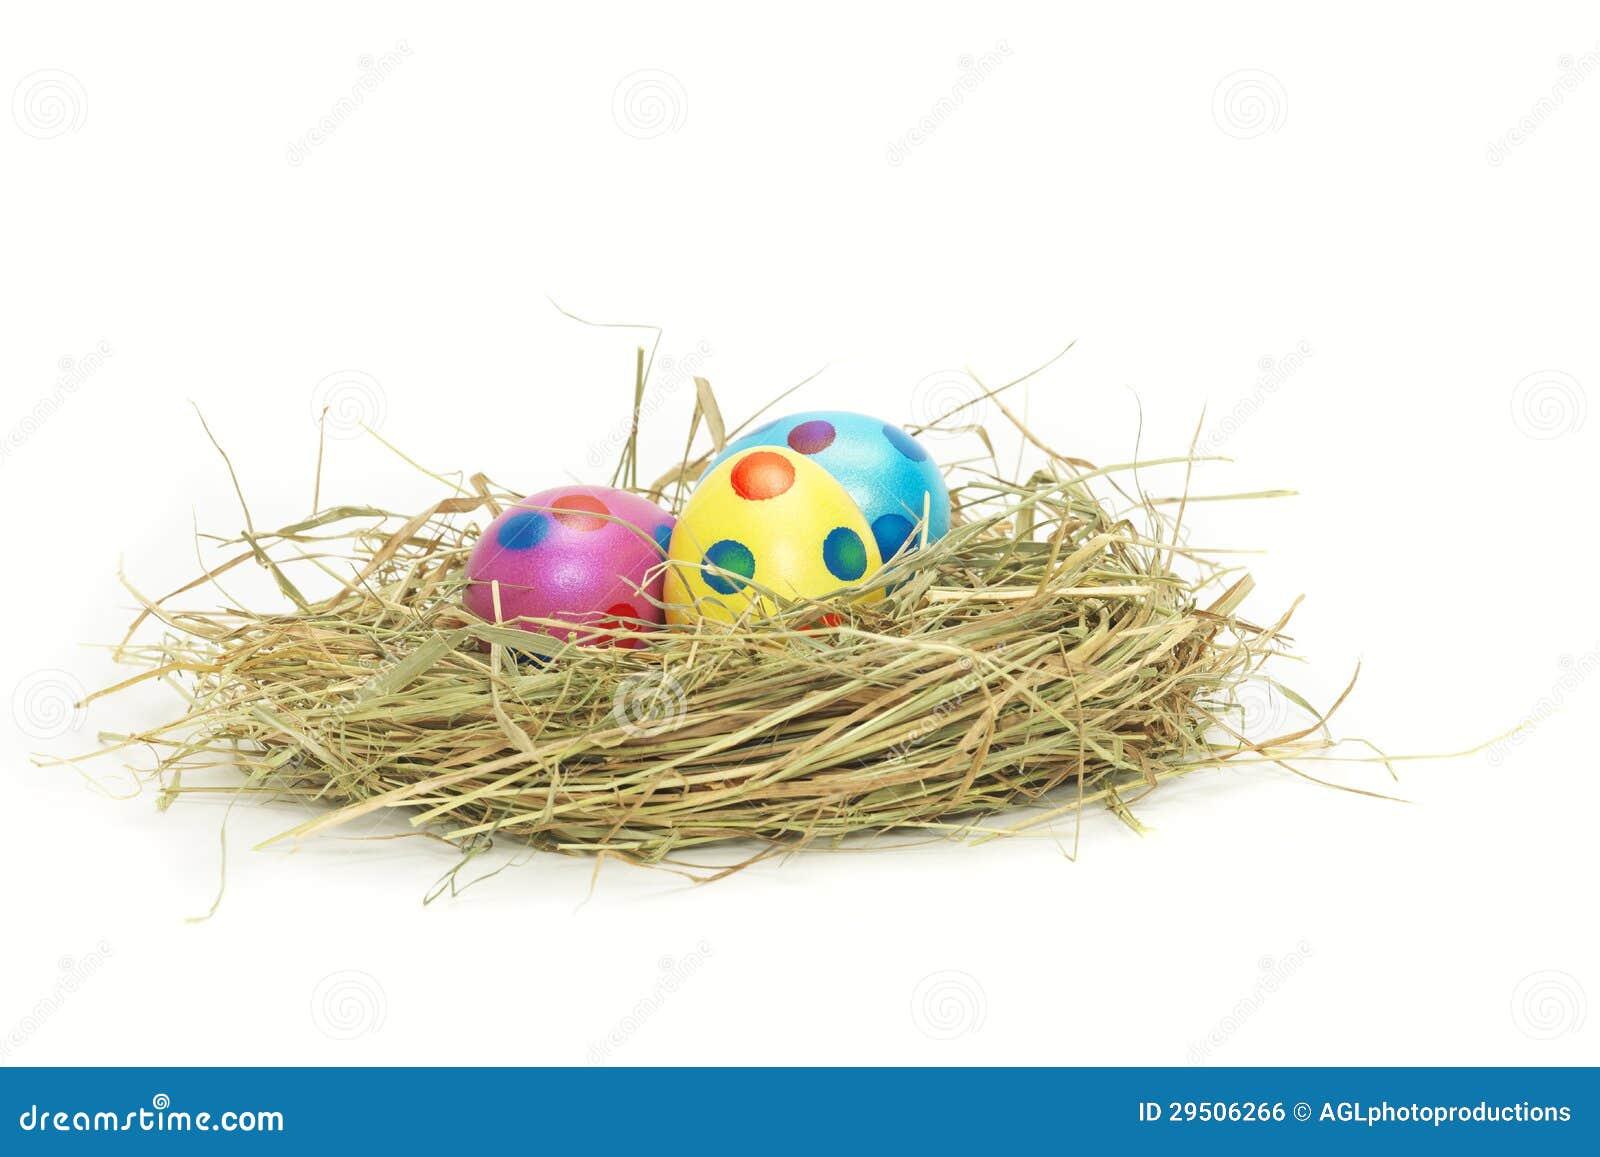 Drie kleurrijke Paaseieren in een nest